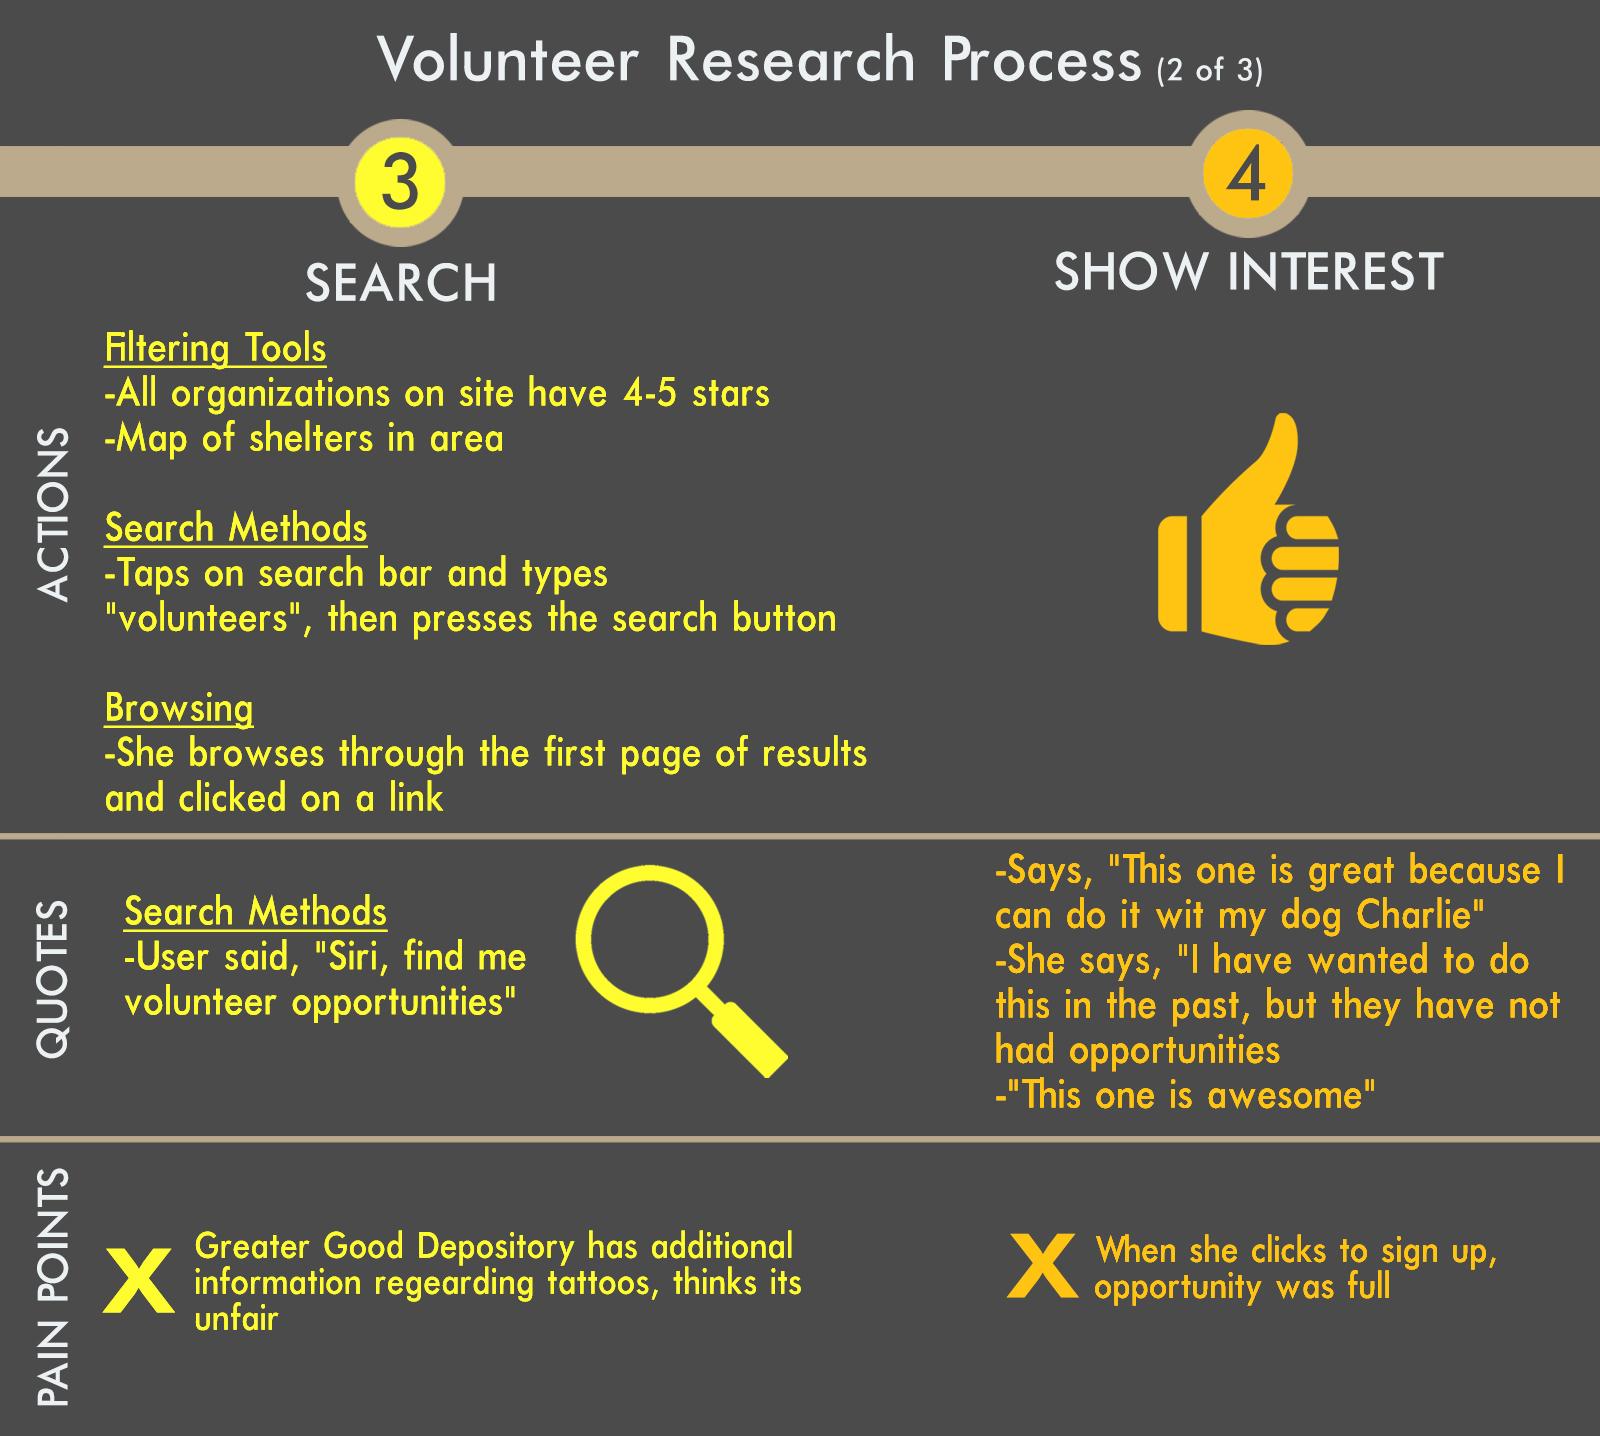 VolunteerObservationProcess2.jpg